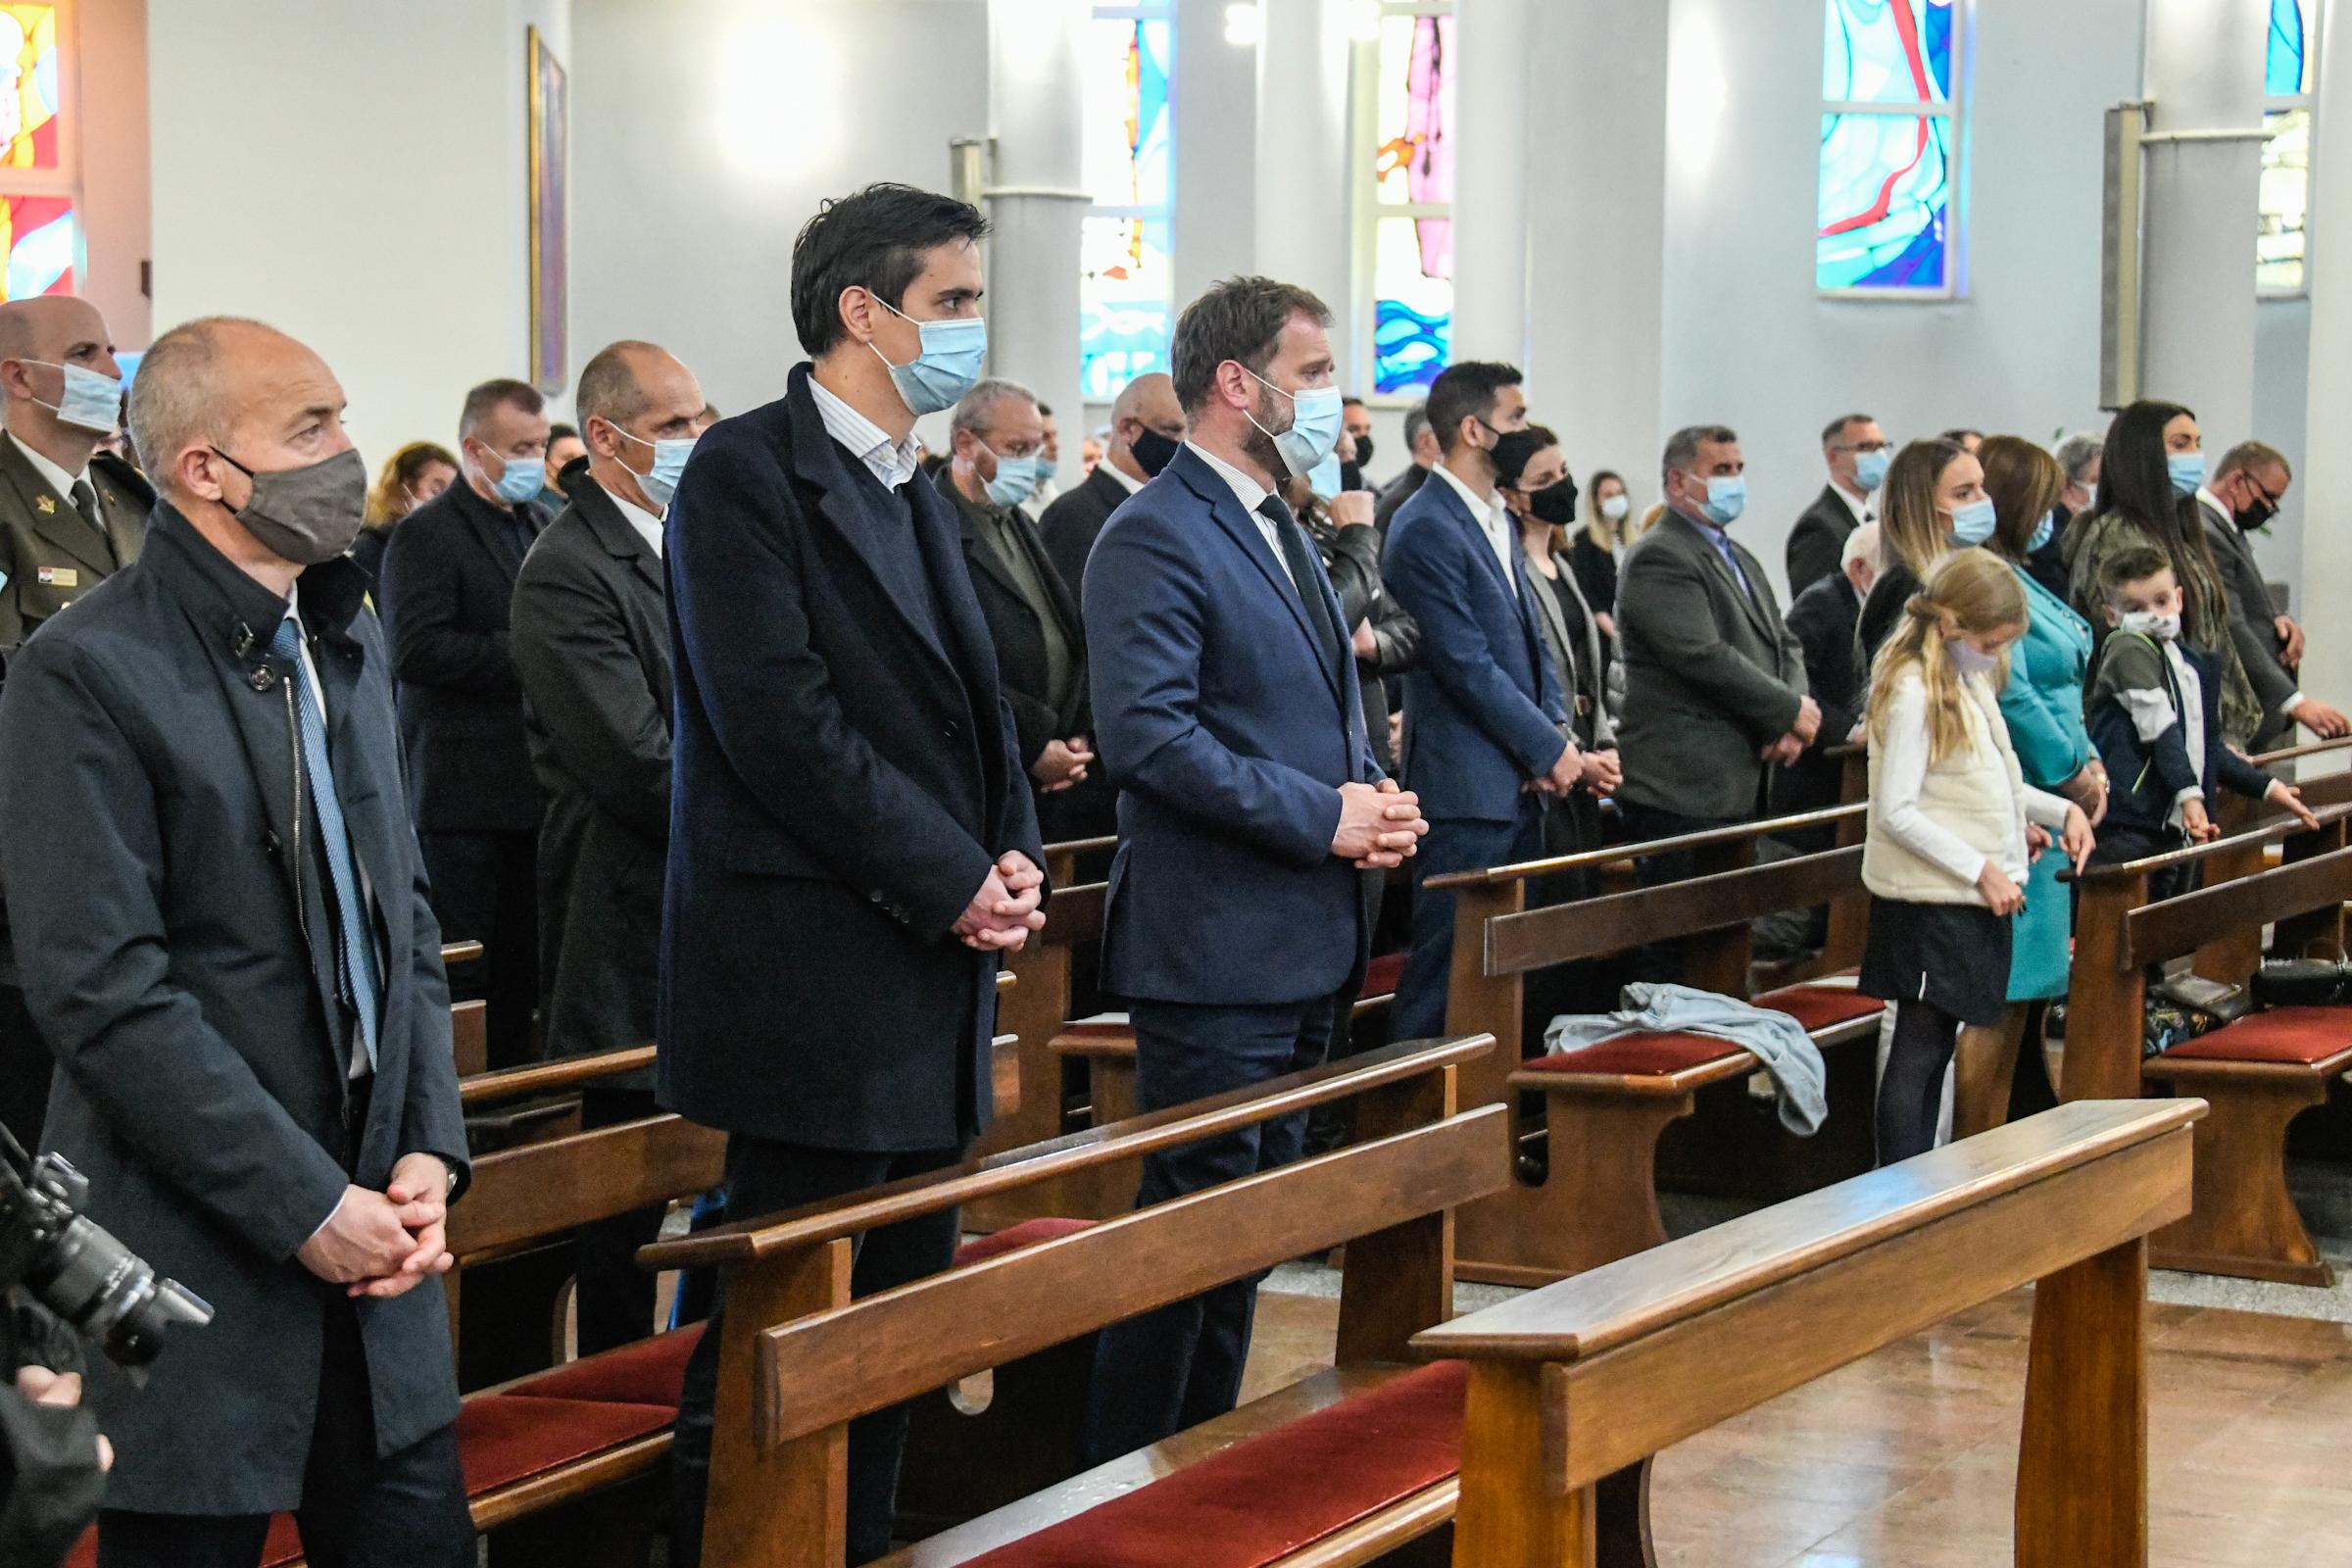 Misa zadušnica povodom 23. godišnjica smrti ratnog ministra Gojka Šuška